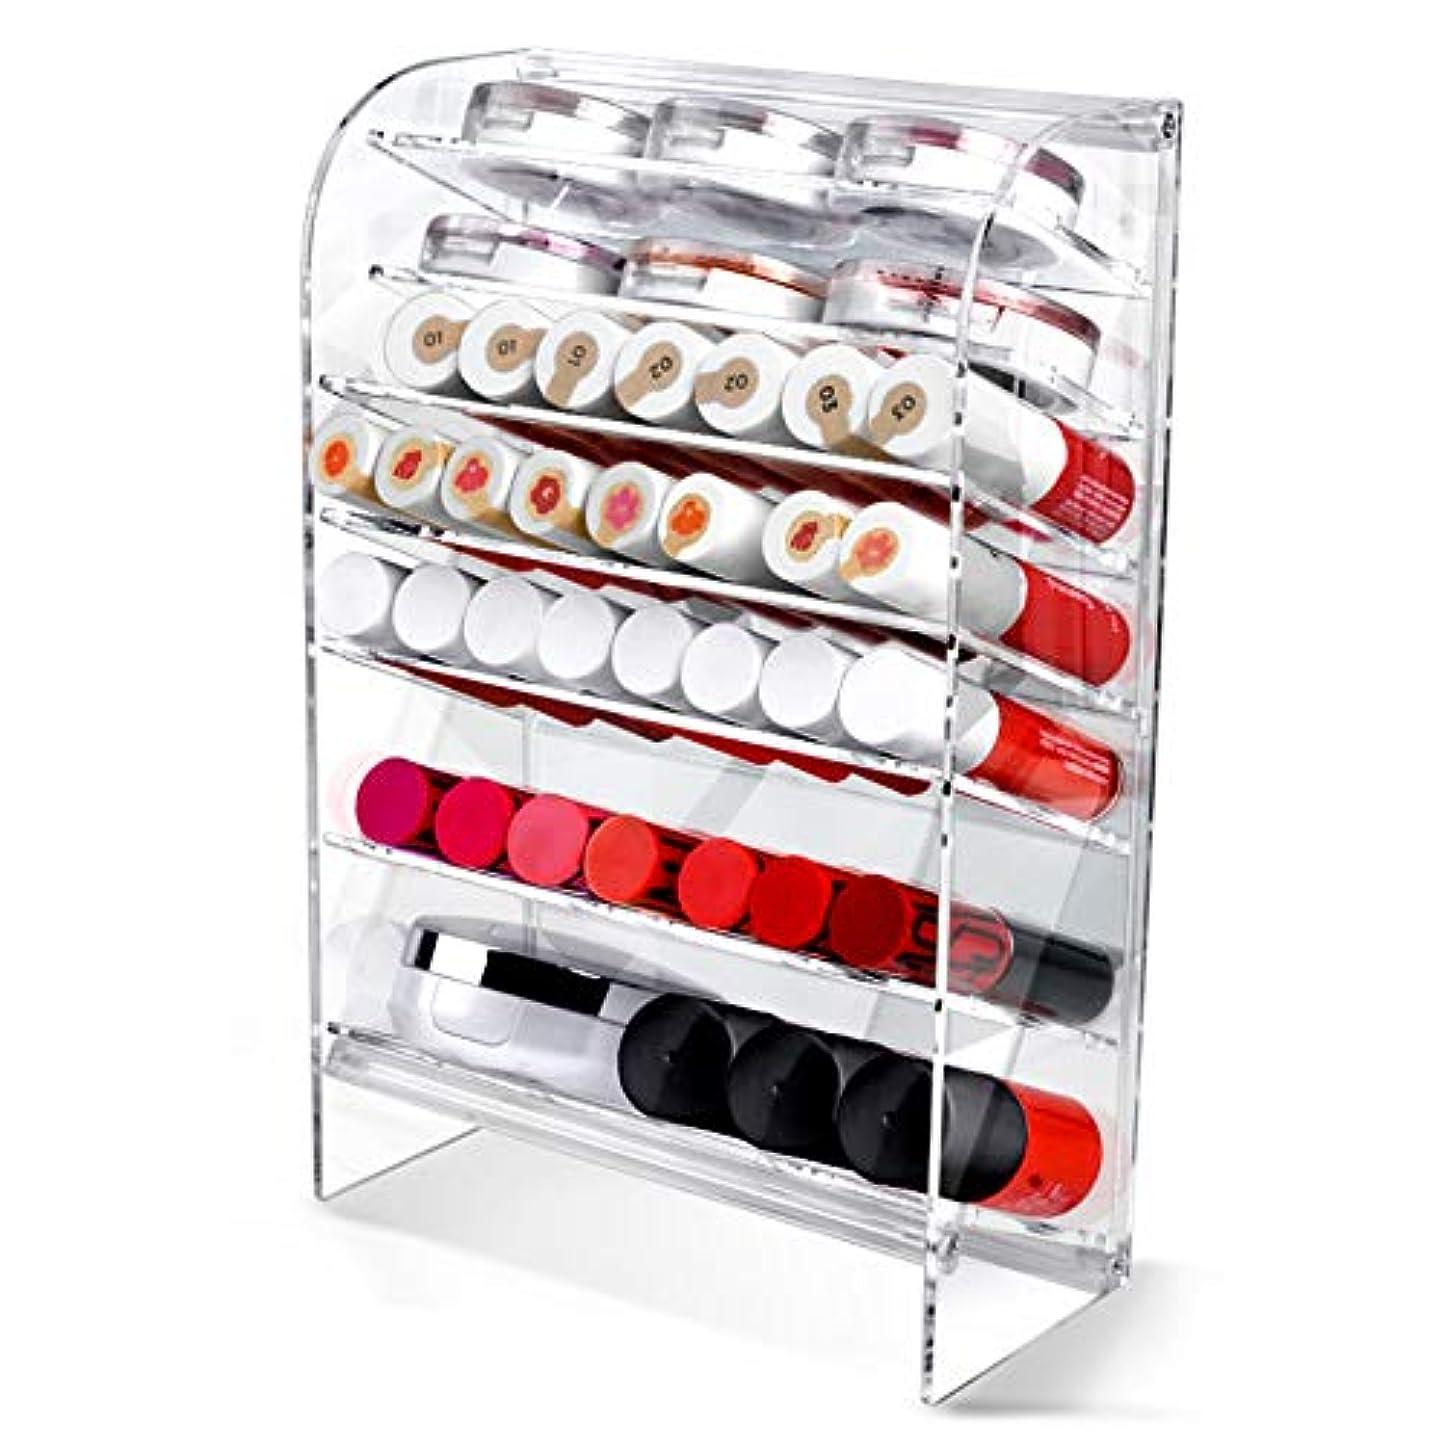 処理アクセスリサイクルするAcrylic アクリル DIY Cosmetic 透明 コスメケース メイクケース メイクボックス 化粧品 入れ コスメ リップスティック 収納 スタンド/Organizer storage For lipstick make-up [並行輸入品] (TOWER L)